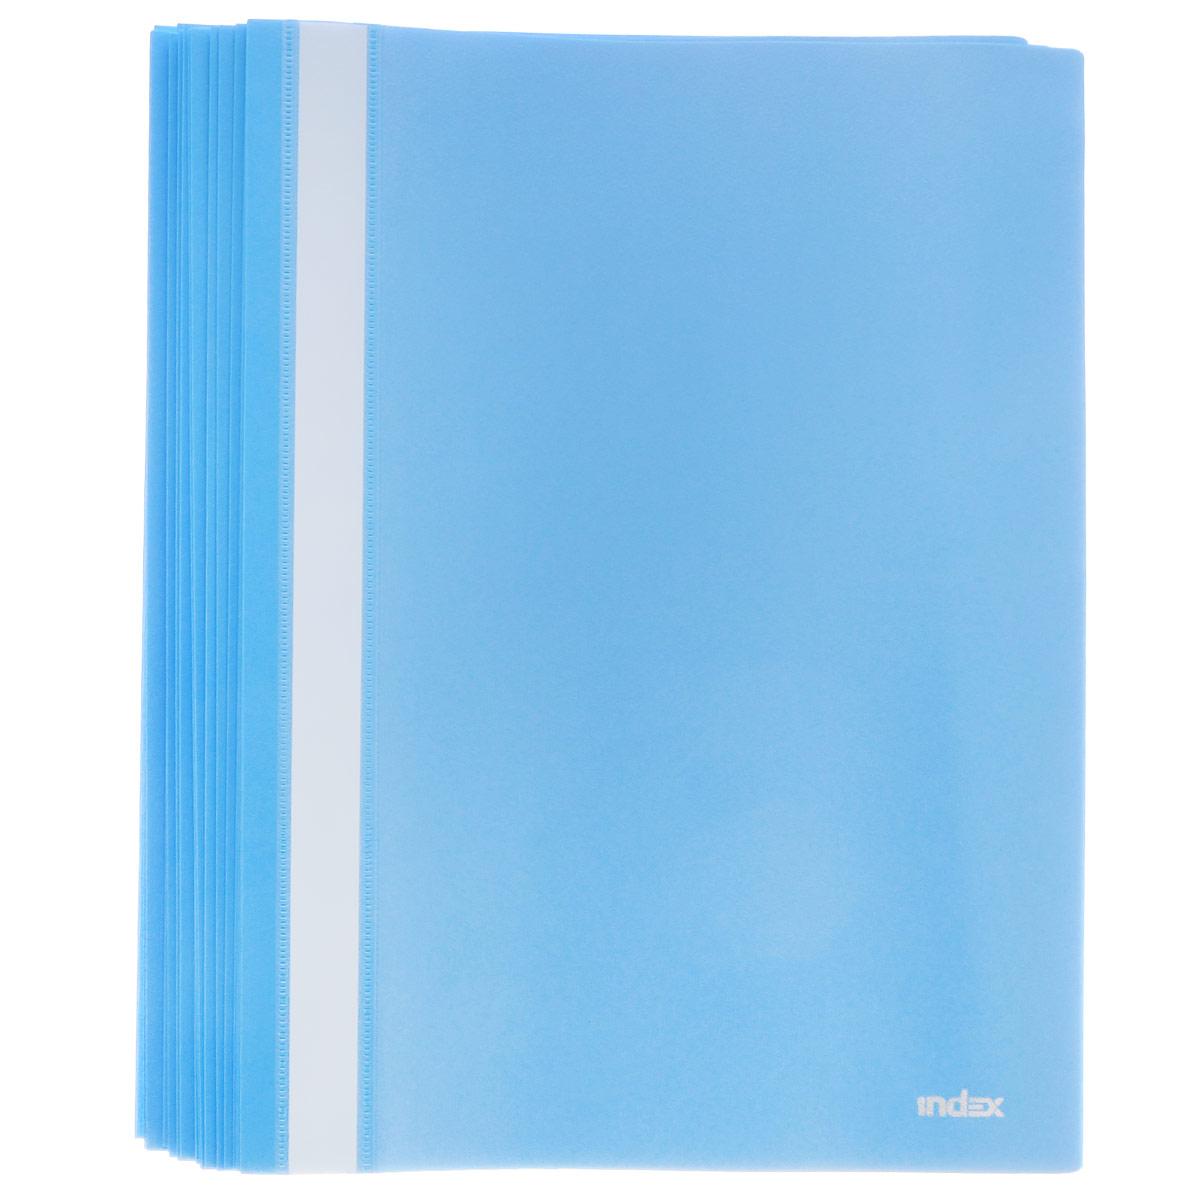 Папка-скоросшиватель Index, цвет: голубой. Формат А4, 20 штI200/LBUПапка-скоросшиватель Index, изготовленная из высококачественного полипропилена, это удобный и практичный офисный инструмент, предназначенный для хранения и транспортировки рабочих бумаг и документов формата А4. Папка оснащена верхним прозрачным матовым листом и металлическим зажимом внутри для надежного удержания бумаг. В наборе - 20 папок.Папка-скоросшиватель - это незаменимый атрибут для студента, школьника, офисного работника. Такая папка надежно сохранит ваши документы и сбережет их от повреждений, пыли и влаги.Комплектация: 20 шт.